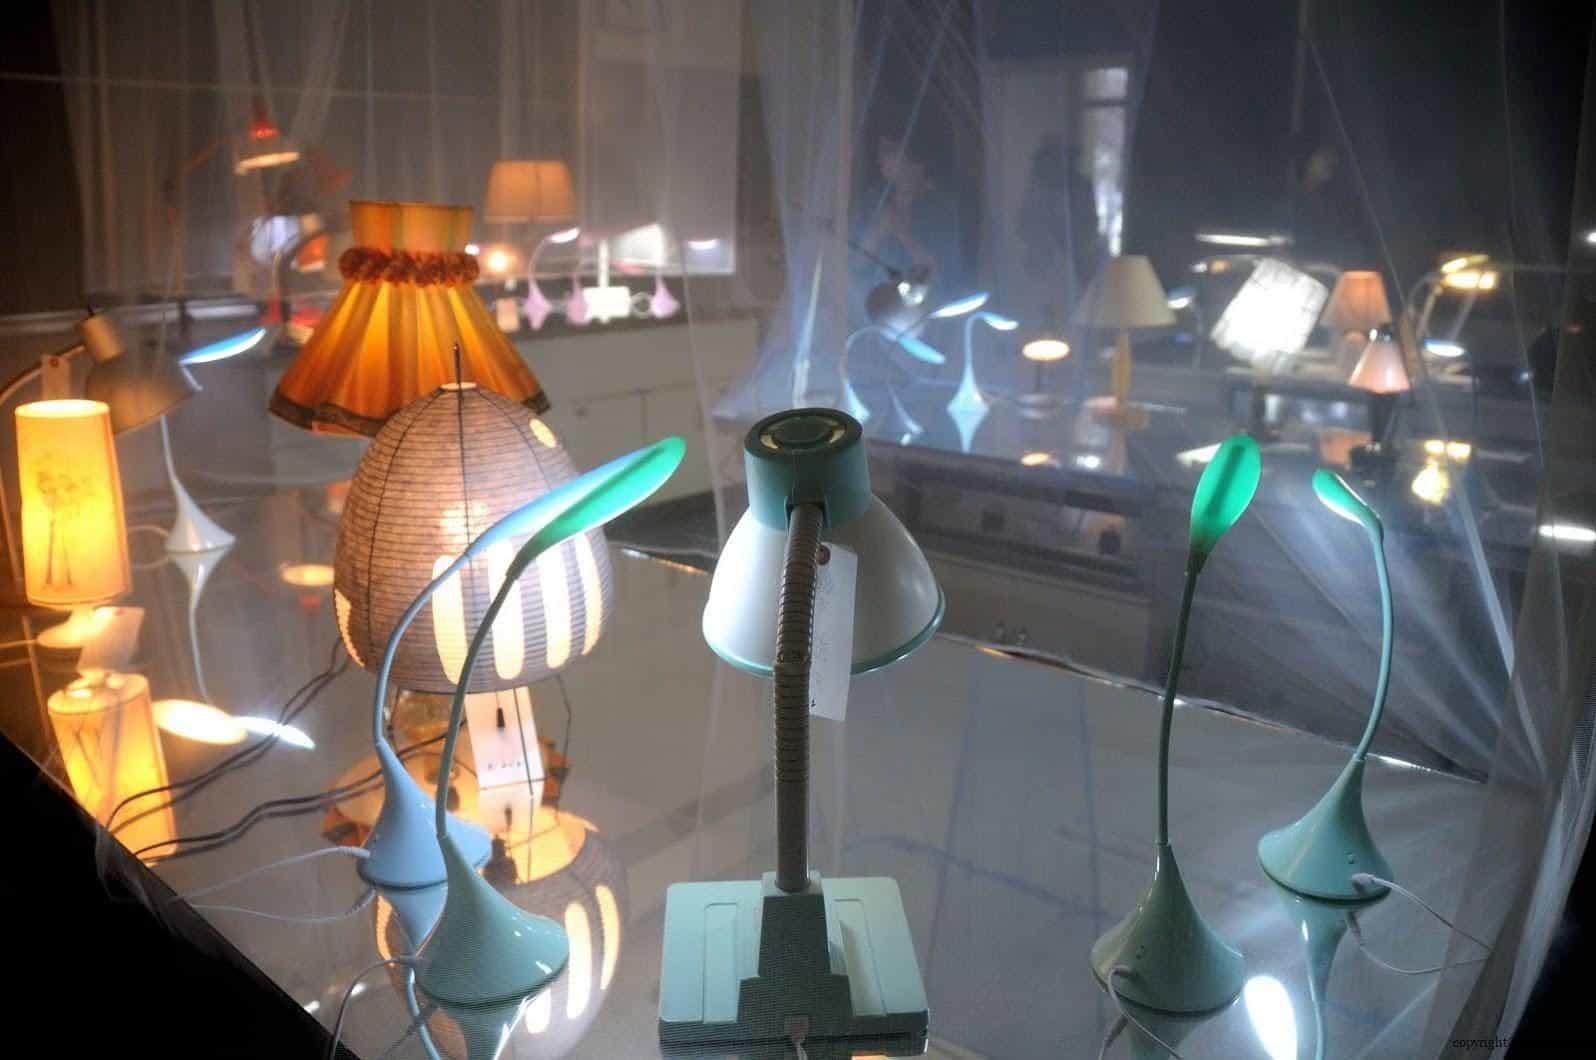 張哲溢,燈光溫室,房間中的道具為作者與民眾募集而來不再使用的物品進行裝飾,失去主人的檯燈如同失去靈魂般,有在外體在形體但其實內心的光已不再是過去的自己 越後妻有 手風琴/燈光溫室 acoordion conservatory of lights 01 0x0